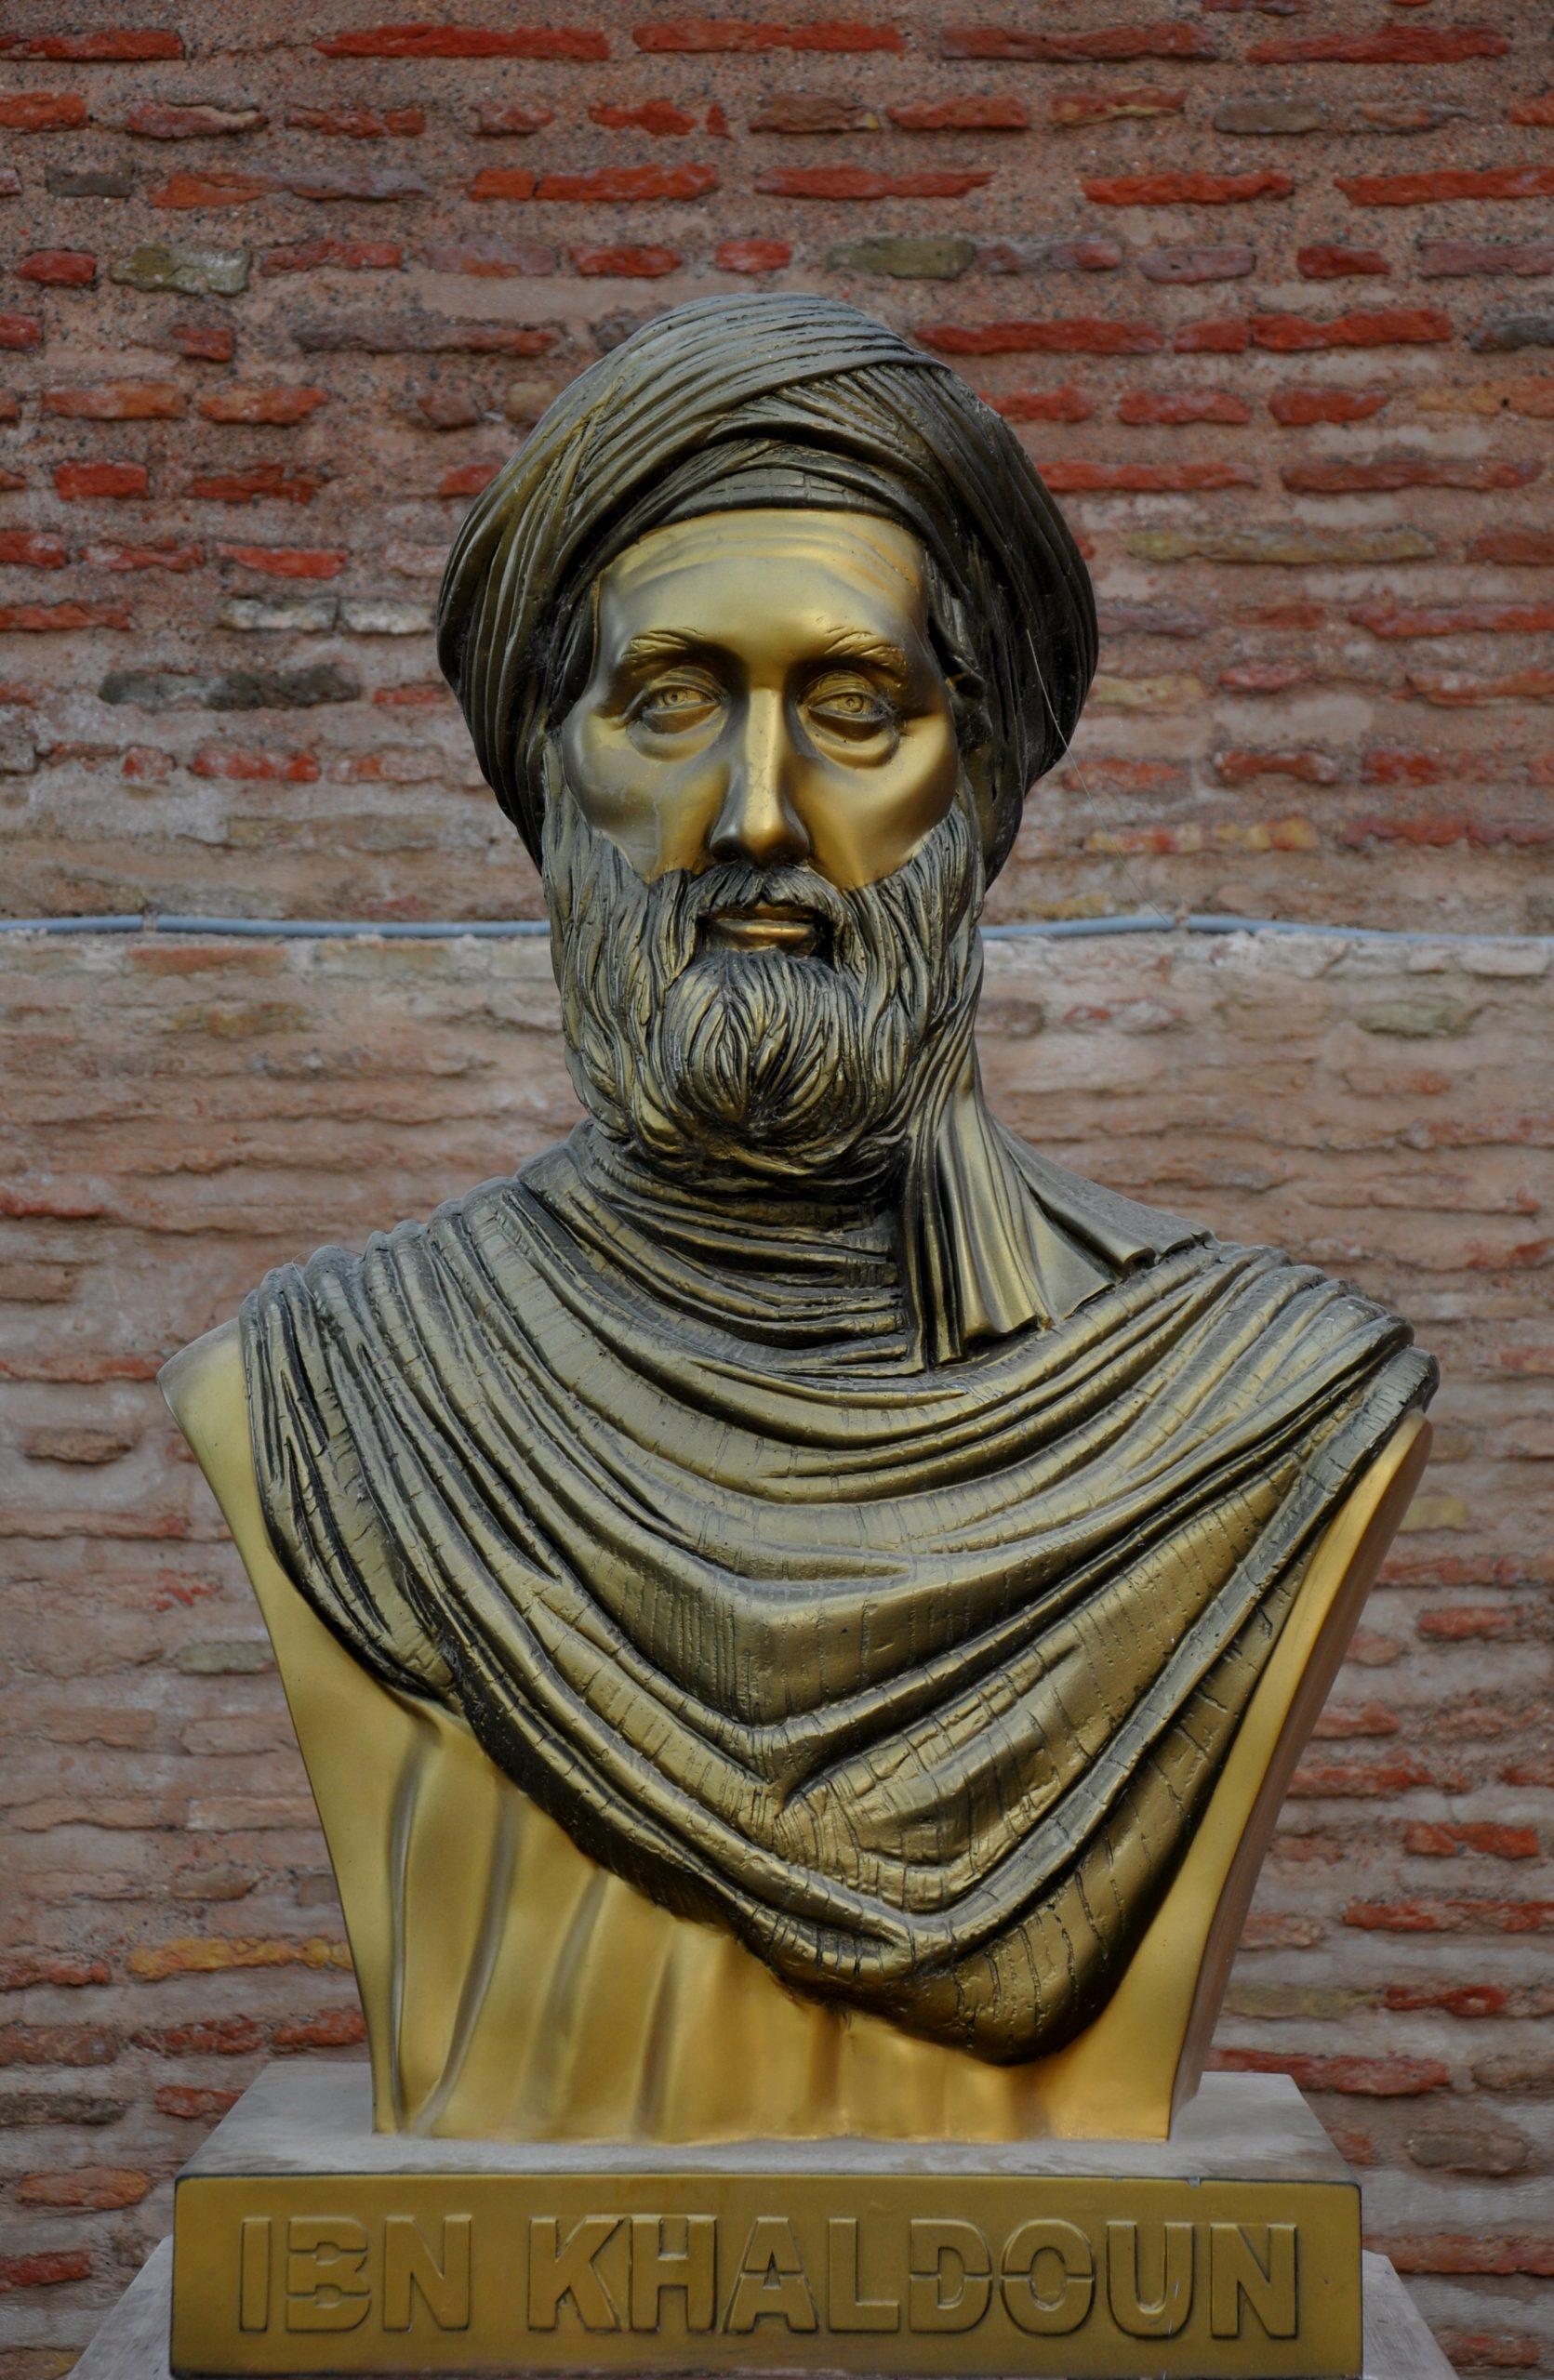 Buste van Ibn Khaldun aan de ingang van de Kasbah in Bejaia, Algerije